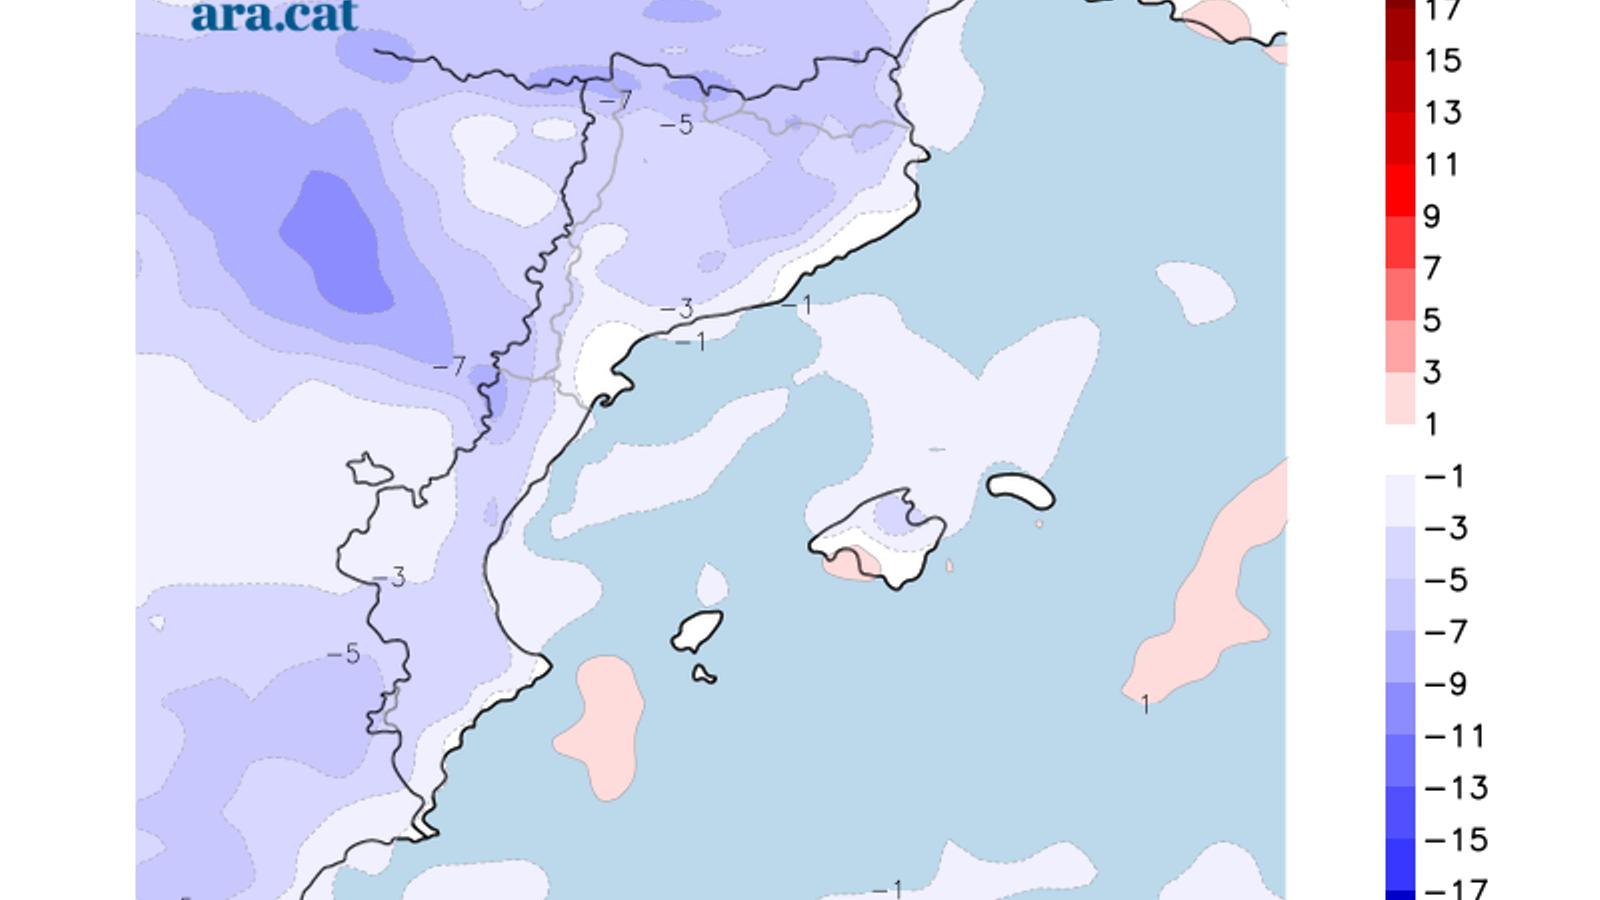 Diferència de temperatura màxima entre dissabte i diumenge.